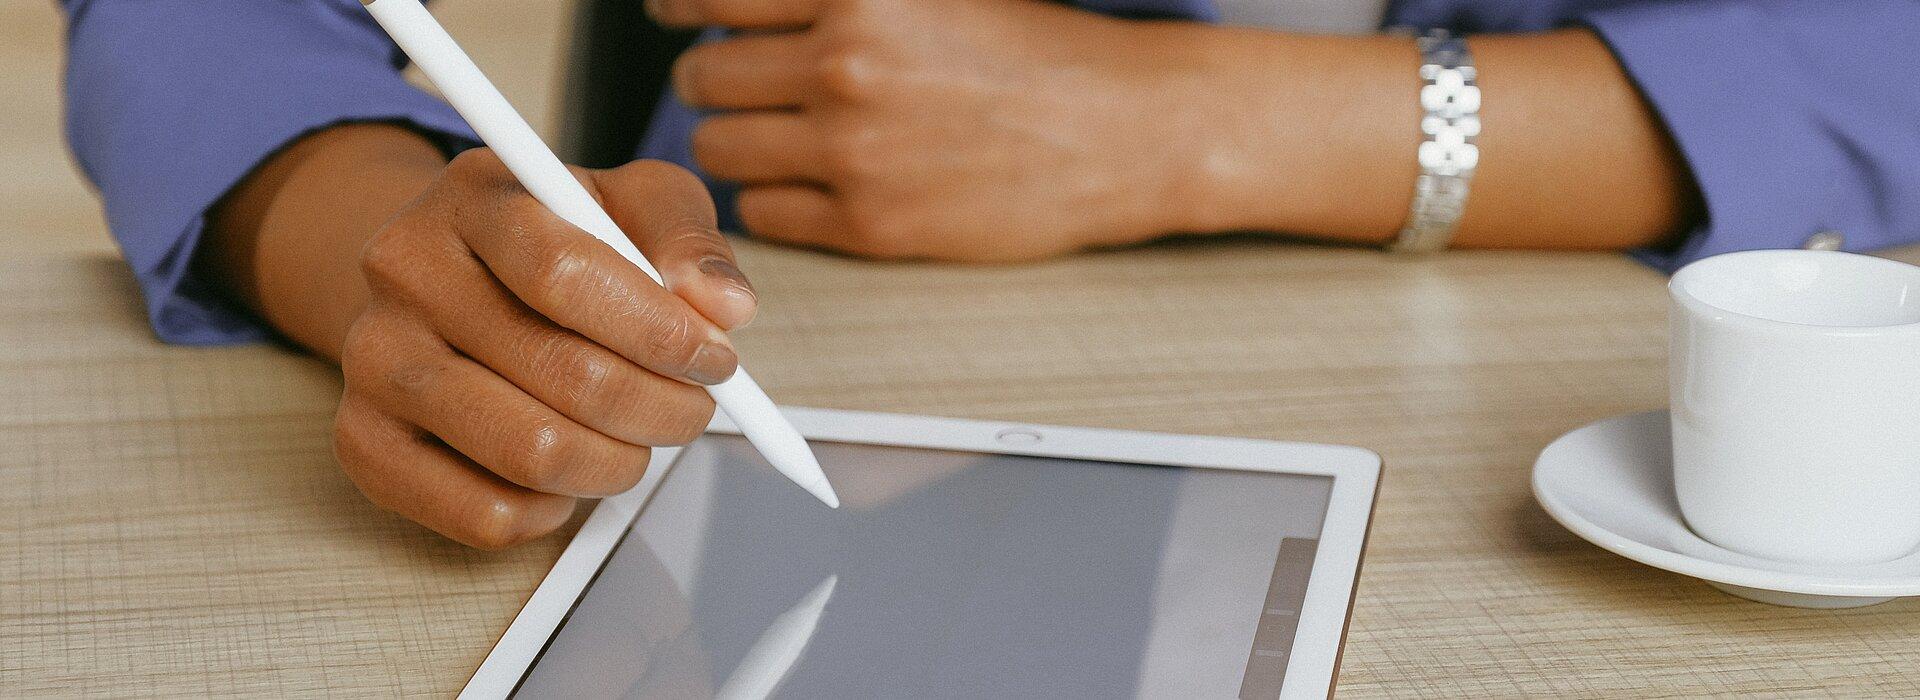 A foto mostra os braços de uma mulher apoiados sobre uma mesa. Ela está usando um tablet, com uma caneta. Uma xícara também está ao seu lado. Ela está usando um blazer, o que remete à negócios.